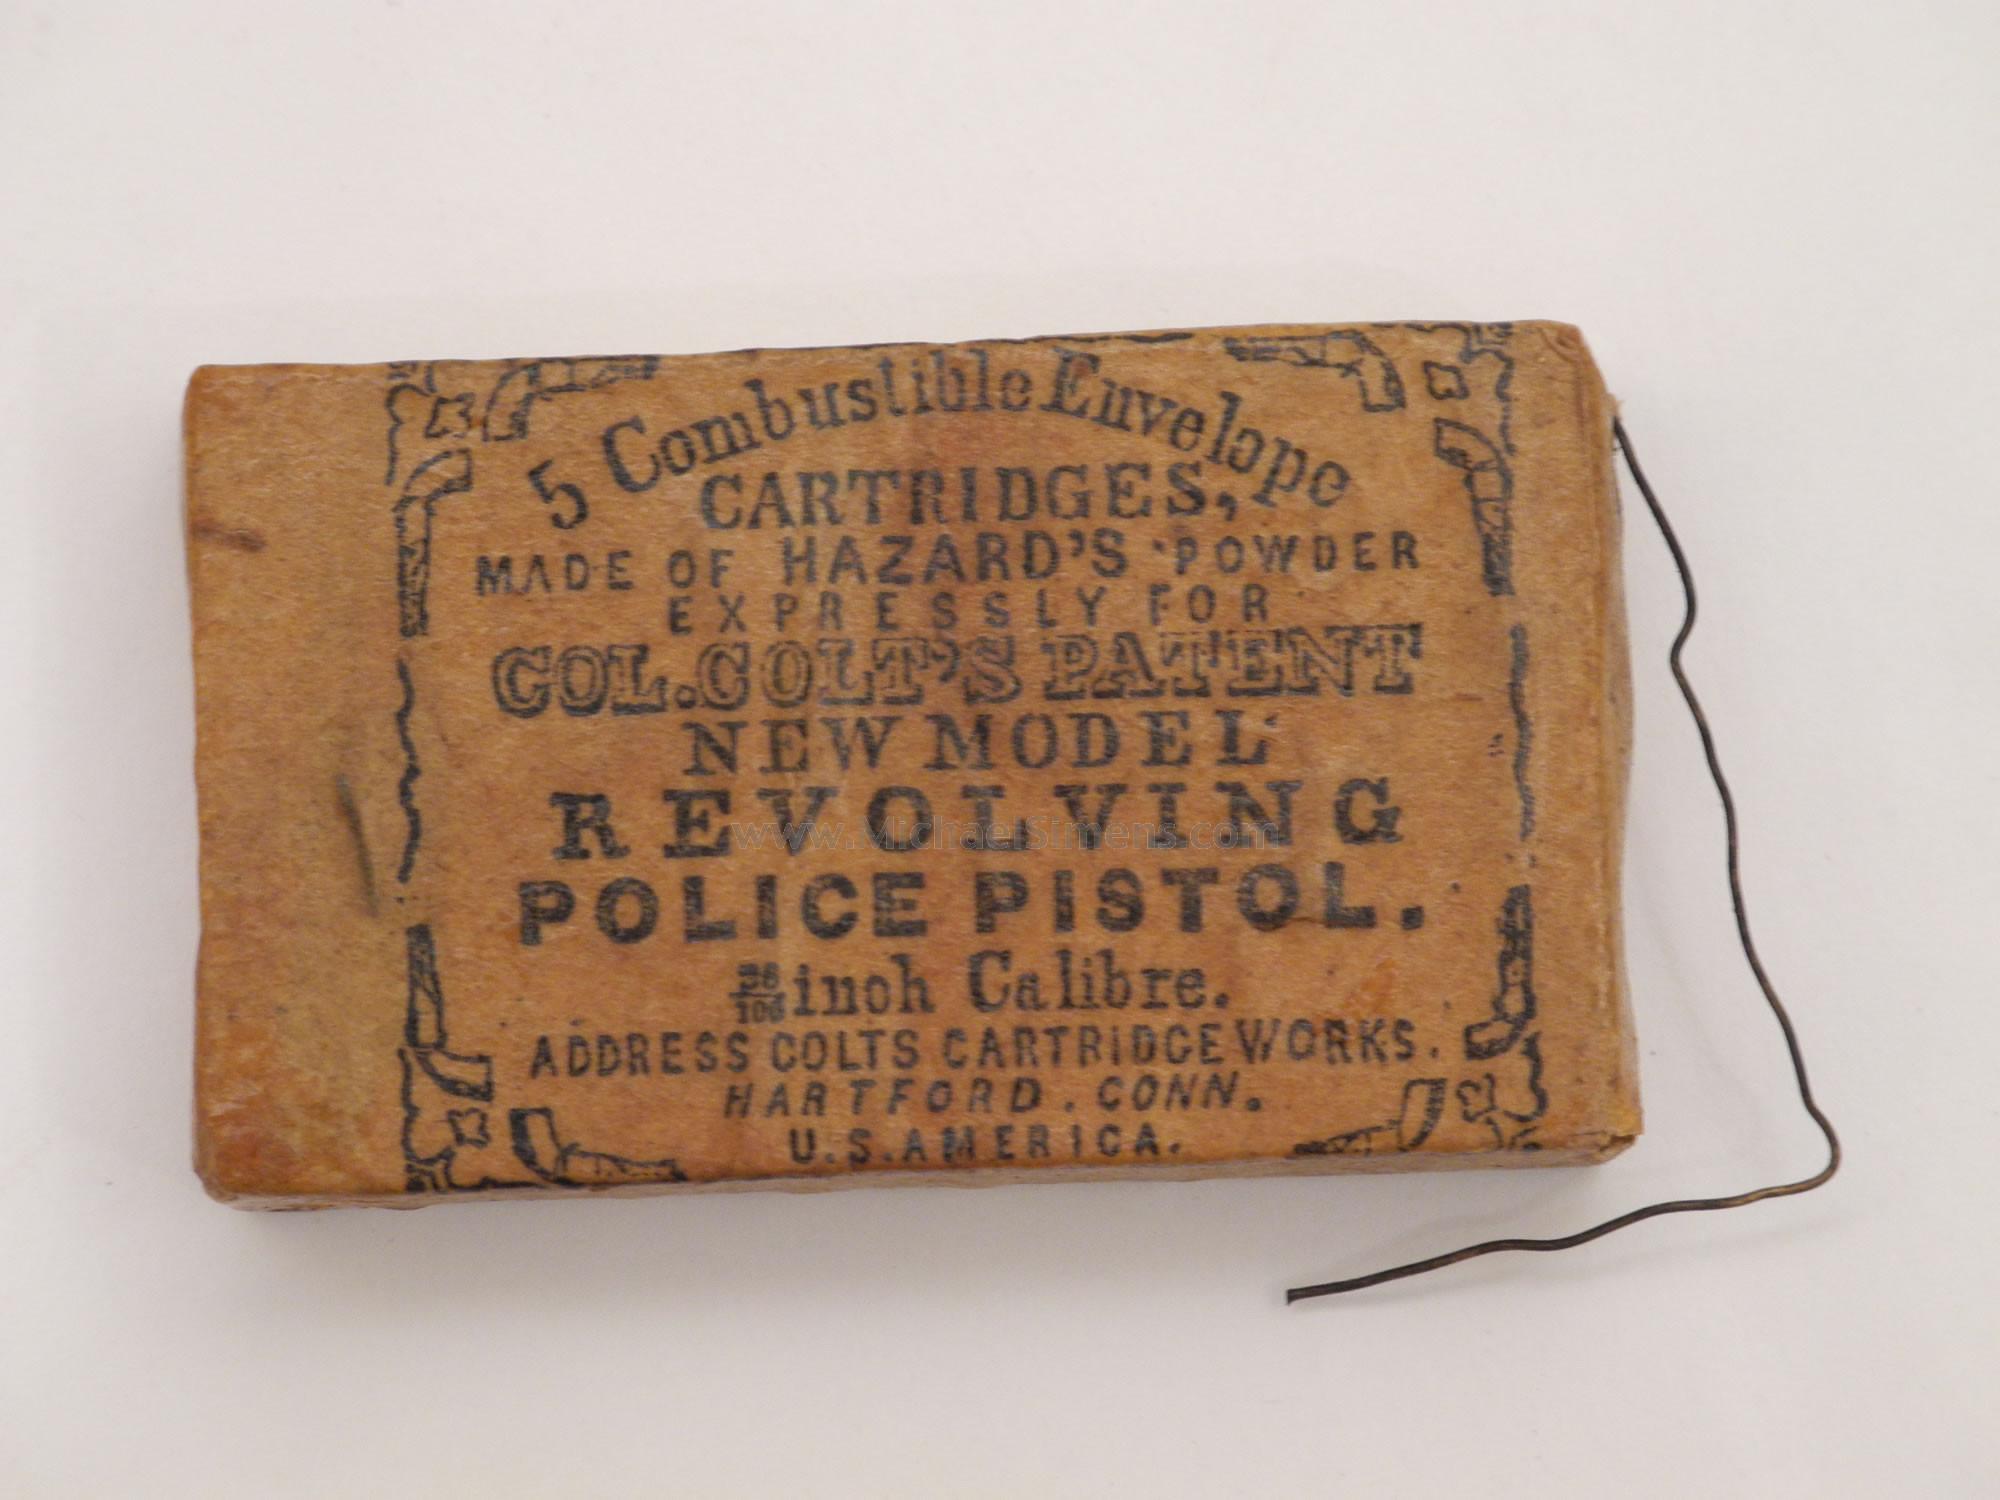 Colt Police Revolver Skin Cartridges for sale - Antique Colt Accessory Dealer